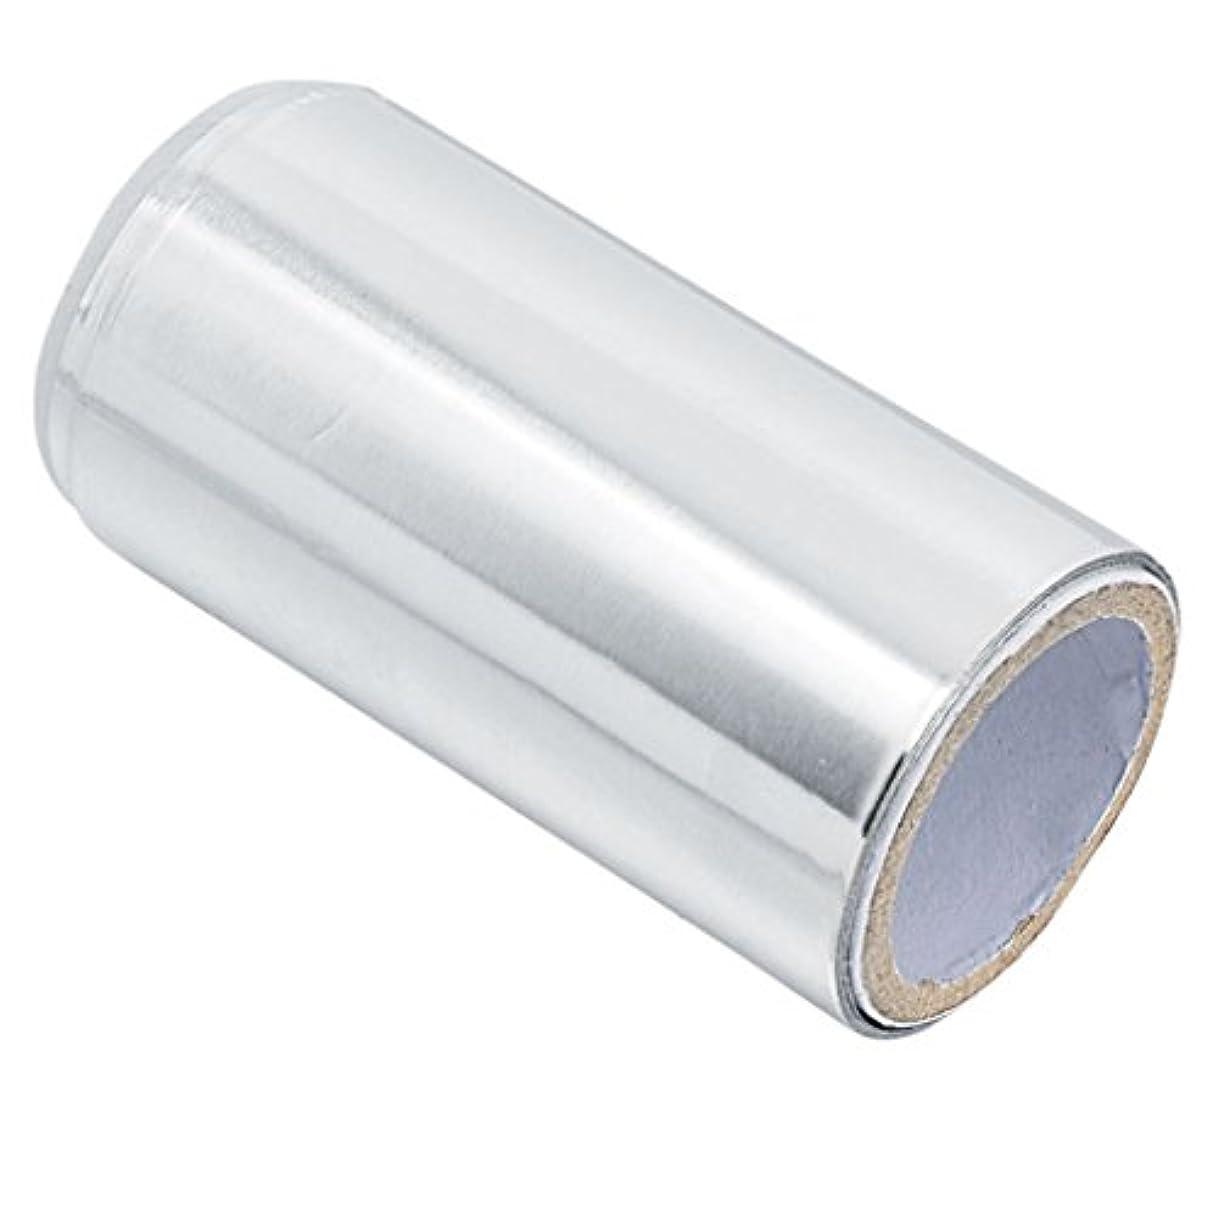 ルーキー受け入れスタックマニキュア錫箔紙 ヘア/ネイル用 ジェル除却 ヘアパーマ 約5m